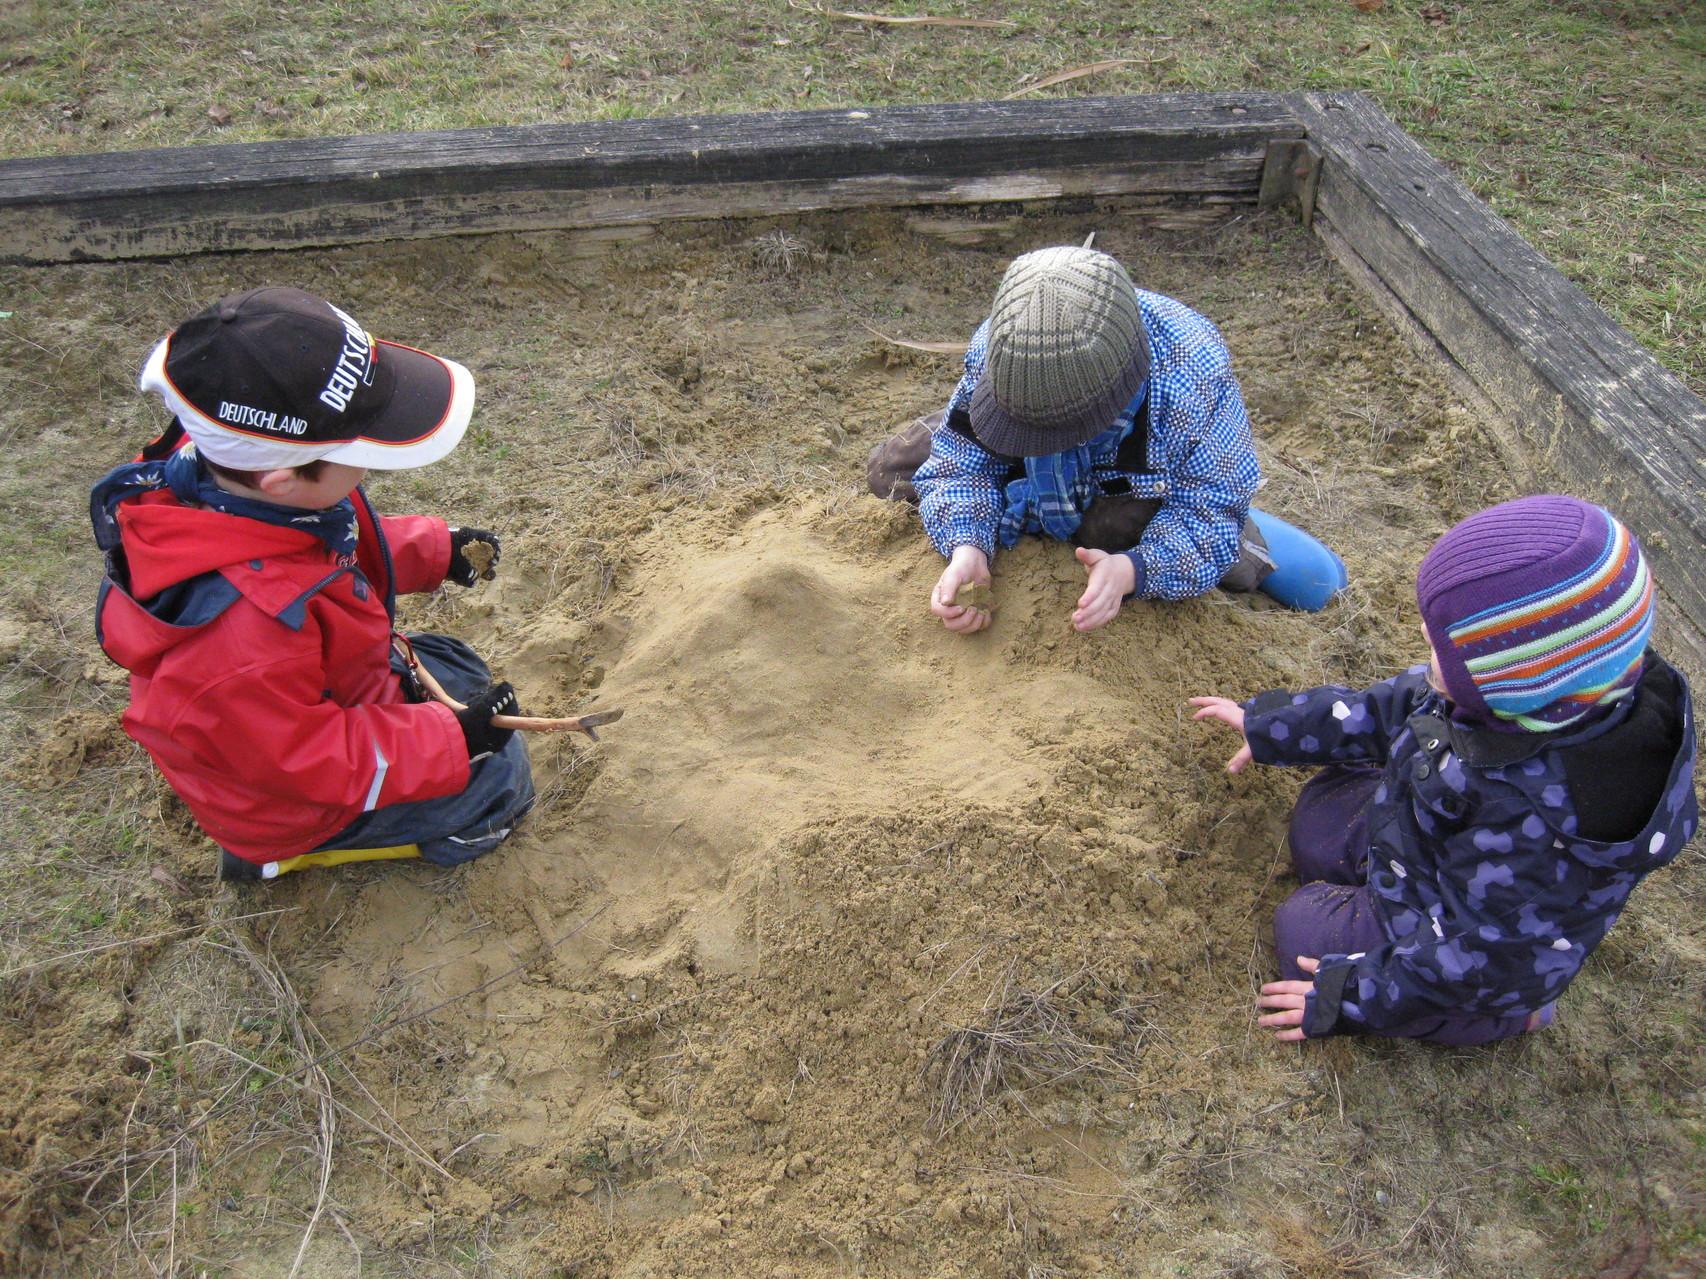 Der Sandkasten